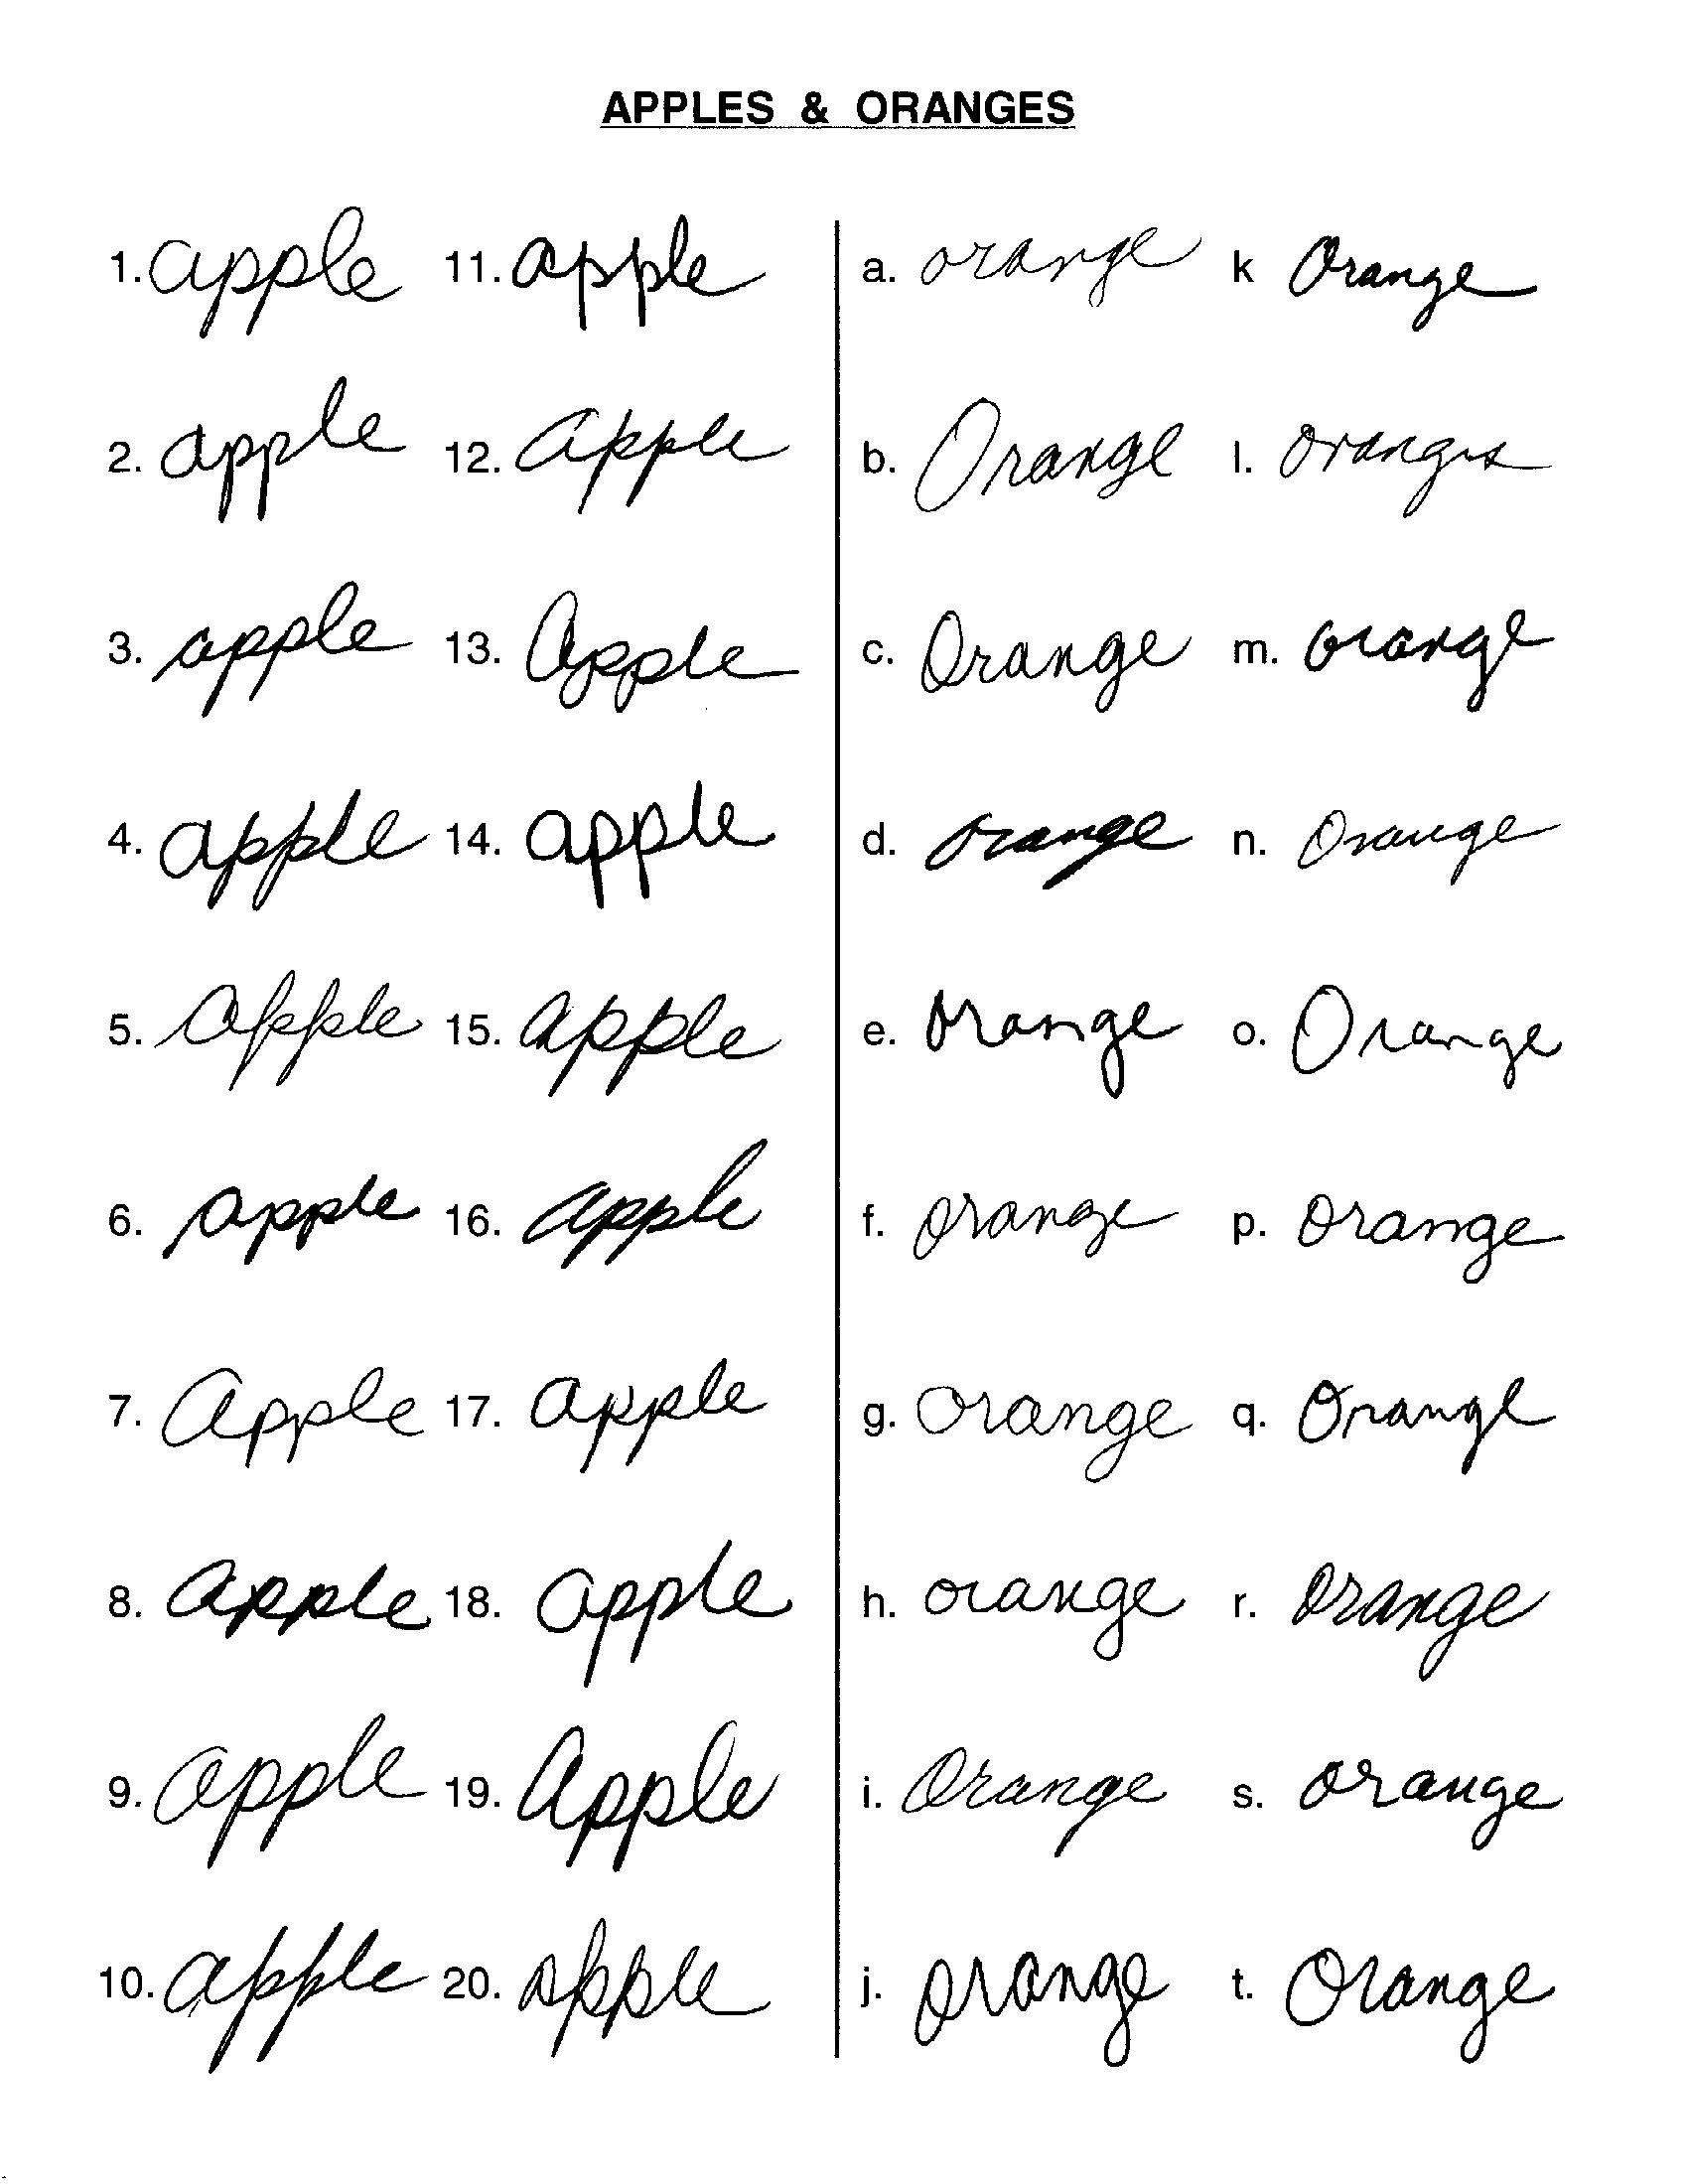 Apples Amp Oranges